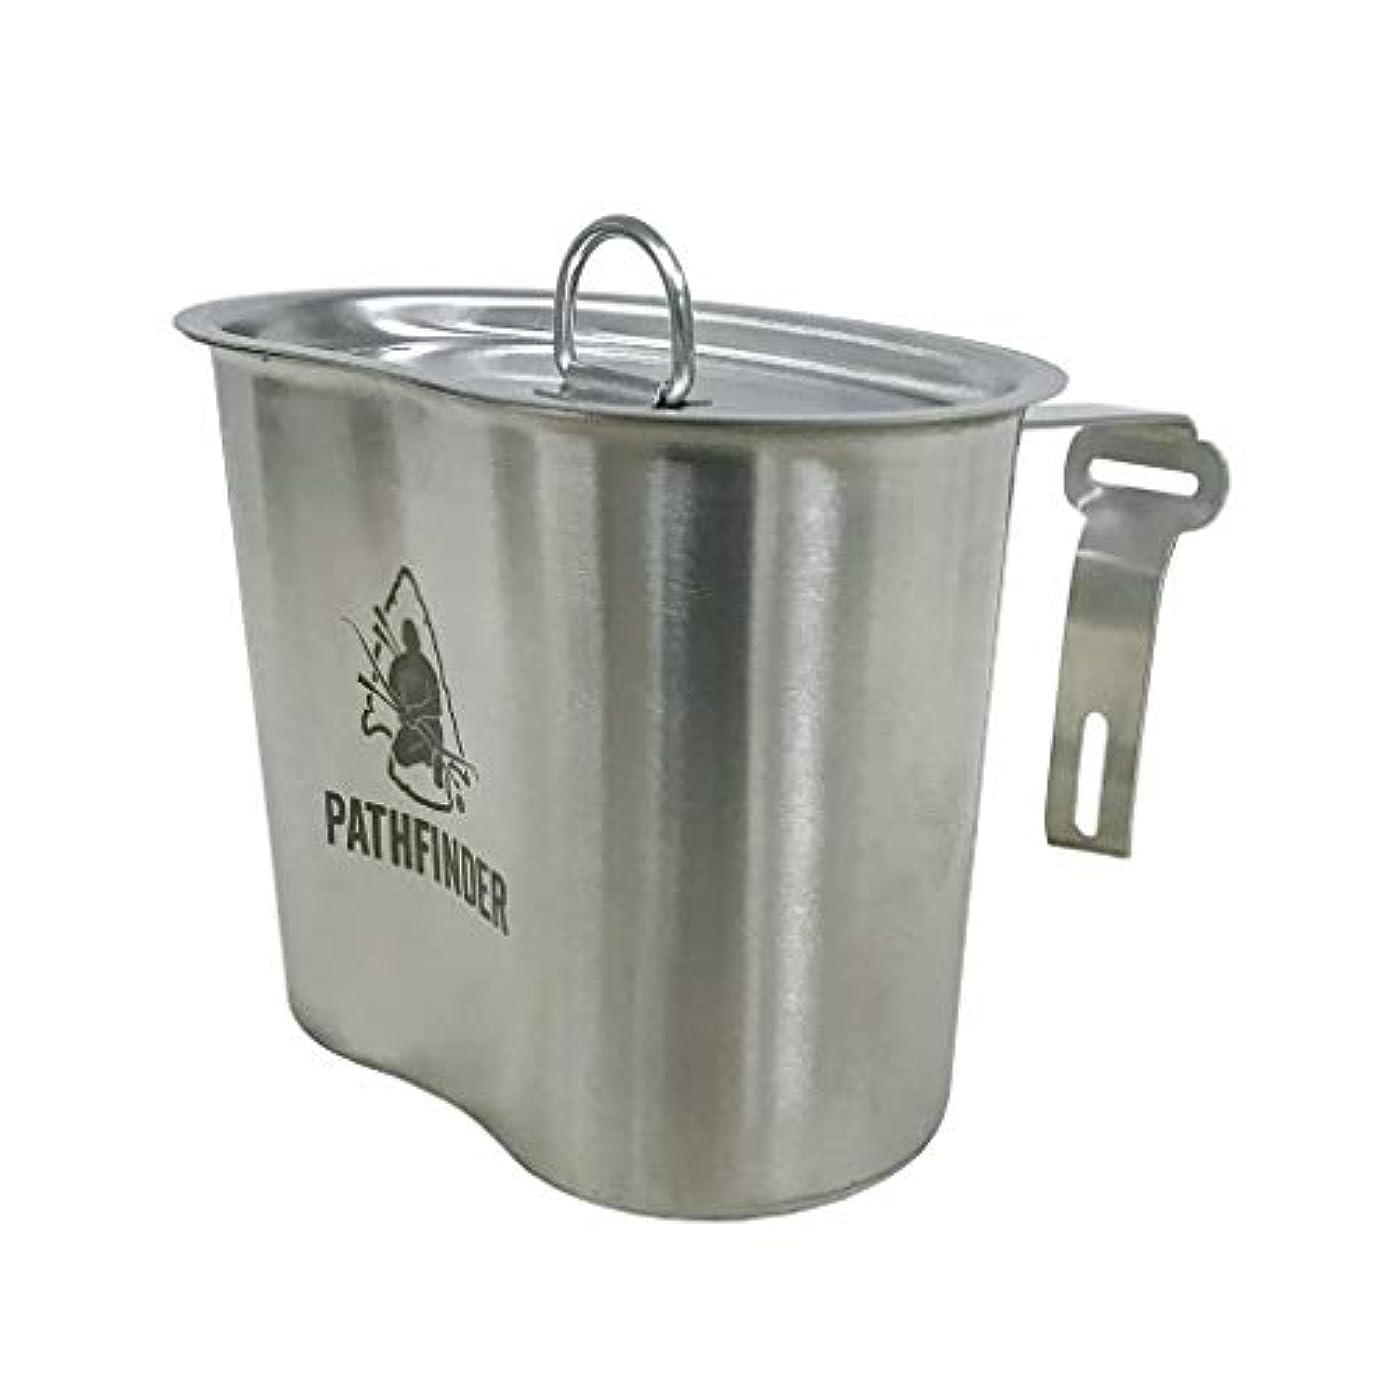 災害銅セットアップPATHFINDER (パスファインダー) Canteen Cup & Lid Set キャンティーン カップ&リッド // サバイバル ブッシュクラフト アウトドア キャンプ 野営